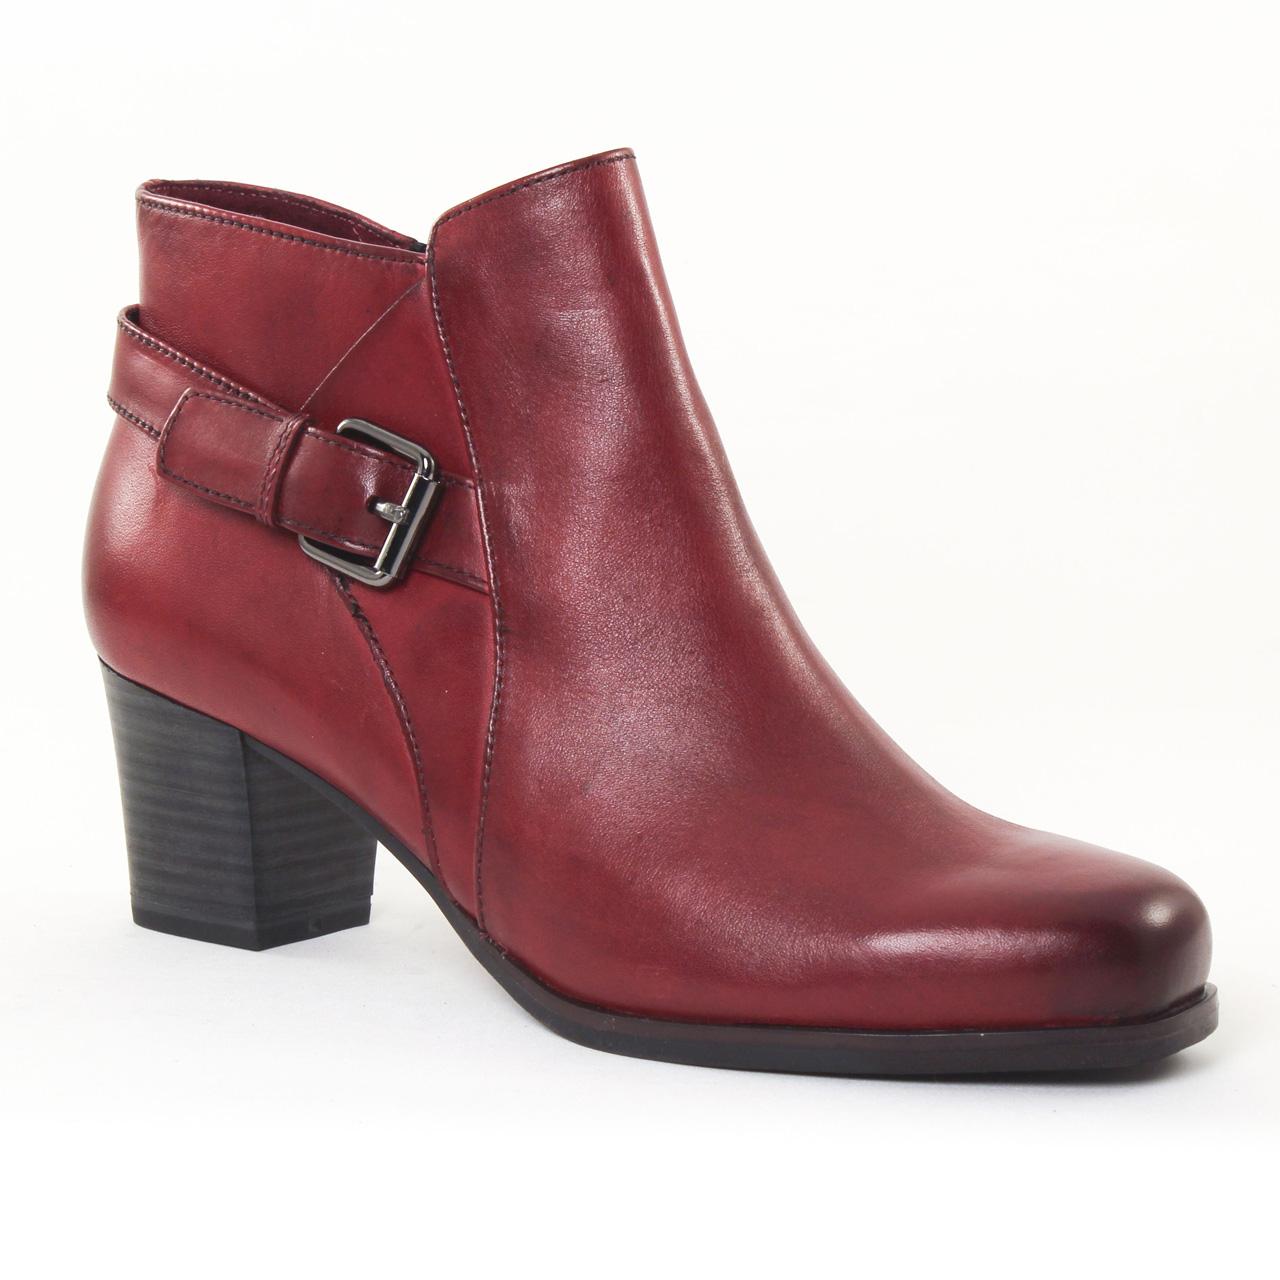 tamaris 25318 bordeaux boots bordeaux automne hiver chez. Black Bedroom Furniture Sets. Home Design Ideas